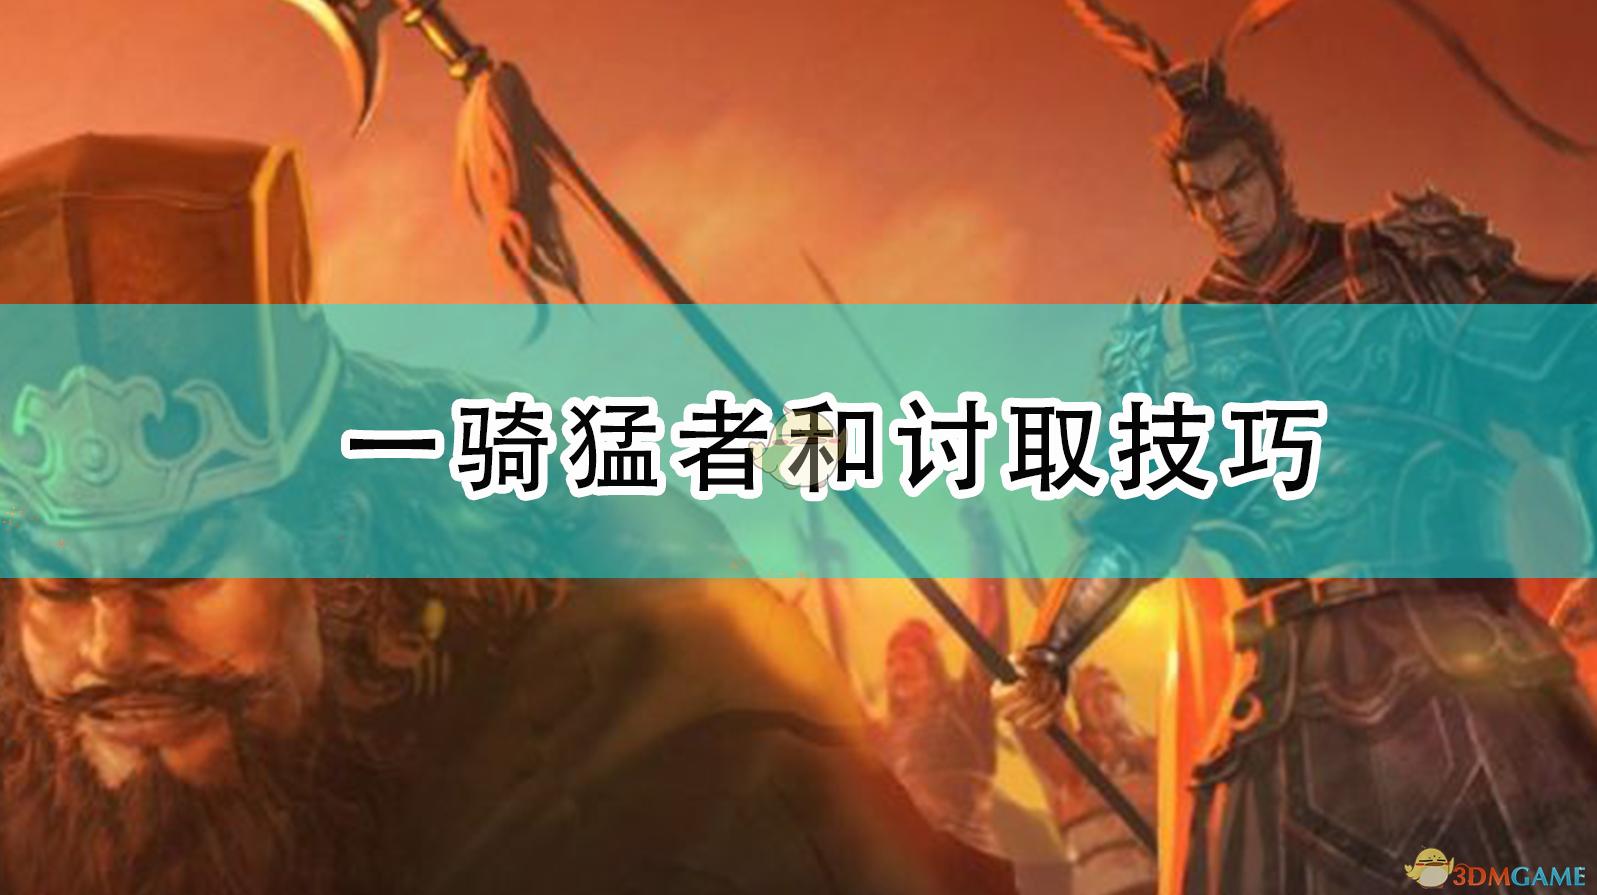 《三国志14:威力加强版》一骑猛者和讨取技巧